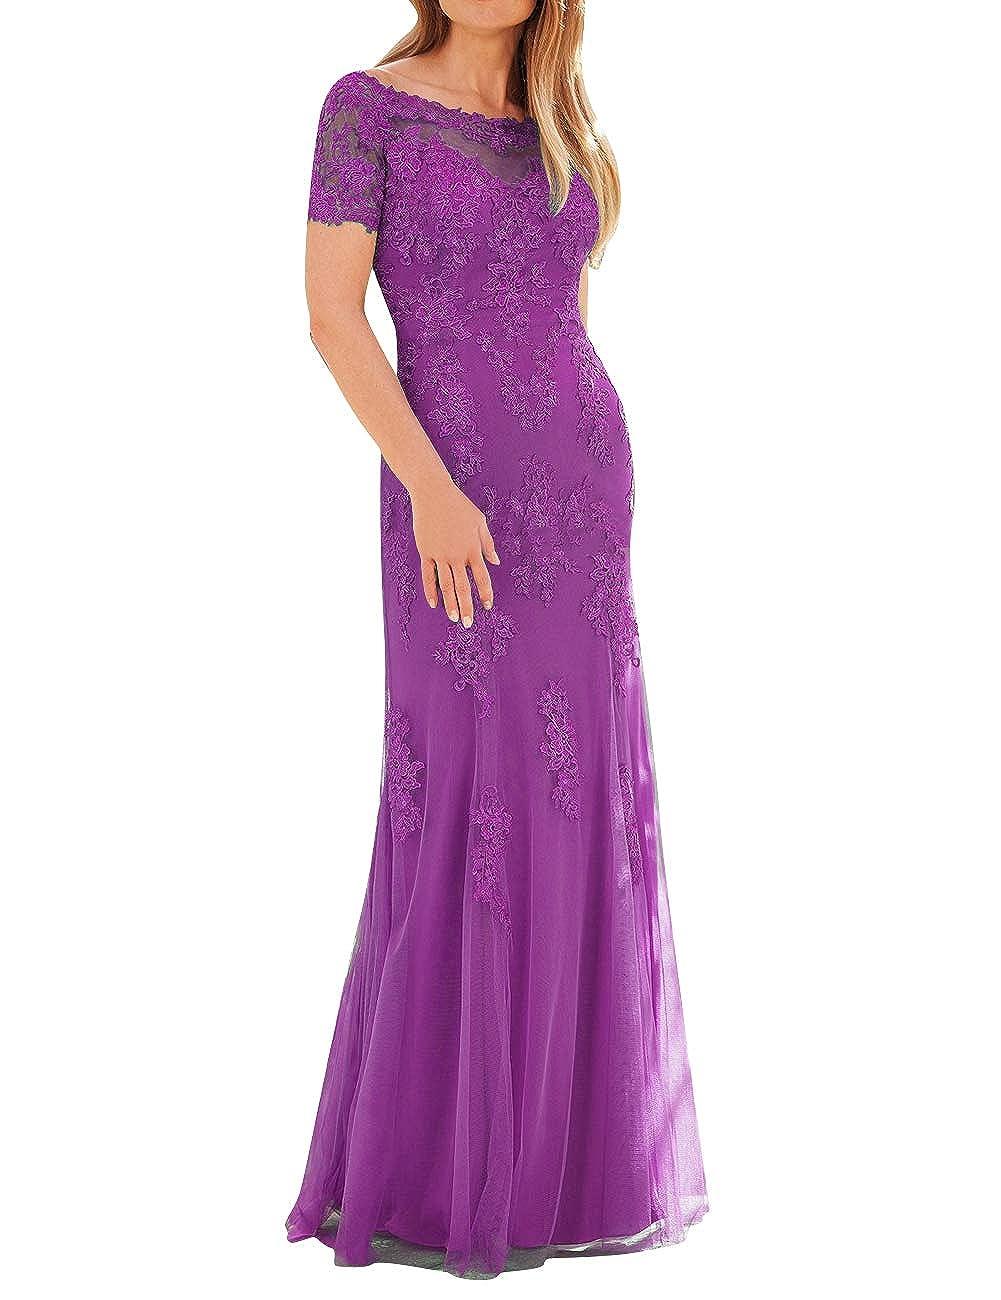 300eff7f Purple Lace Prom Dress Amazon - raveitsafe